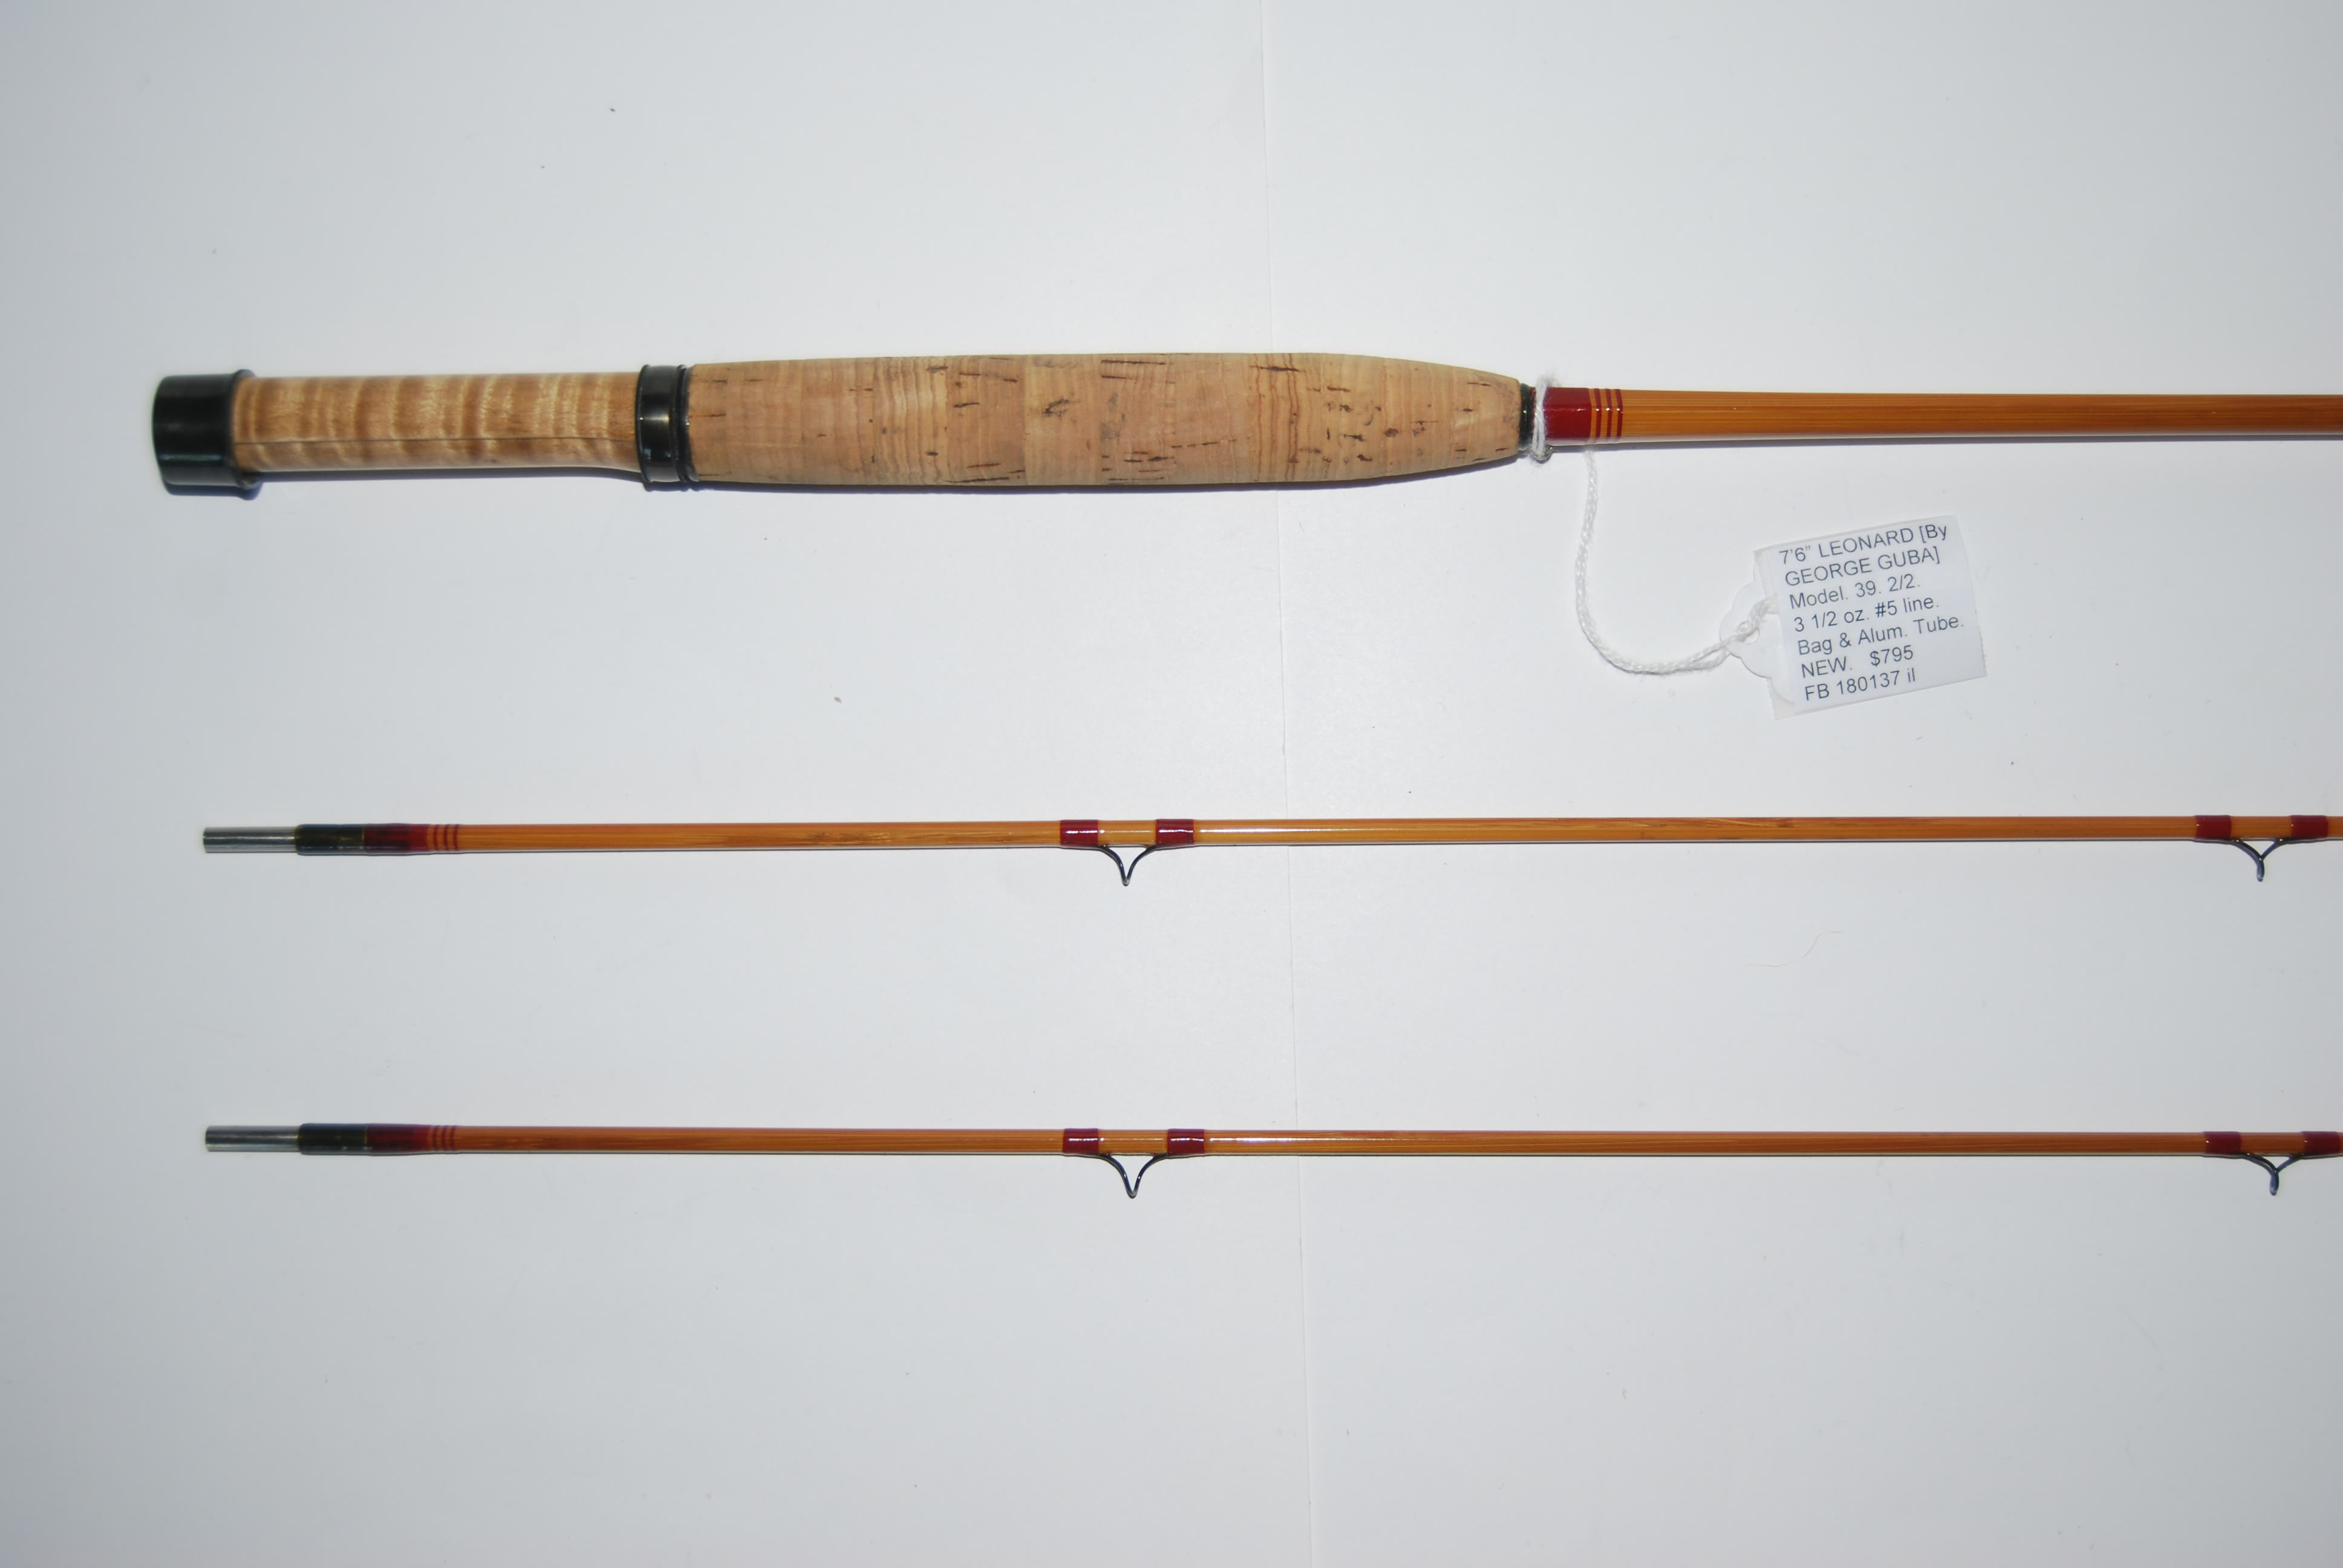 Vintage GUDEBROD fil de soie orange brûlé #221 Bamboo Fly Rods 50 yds Taille 00